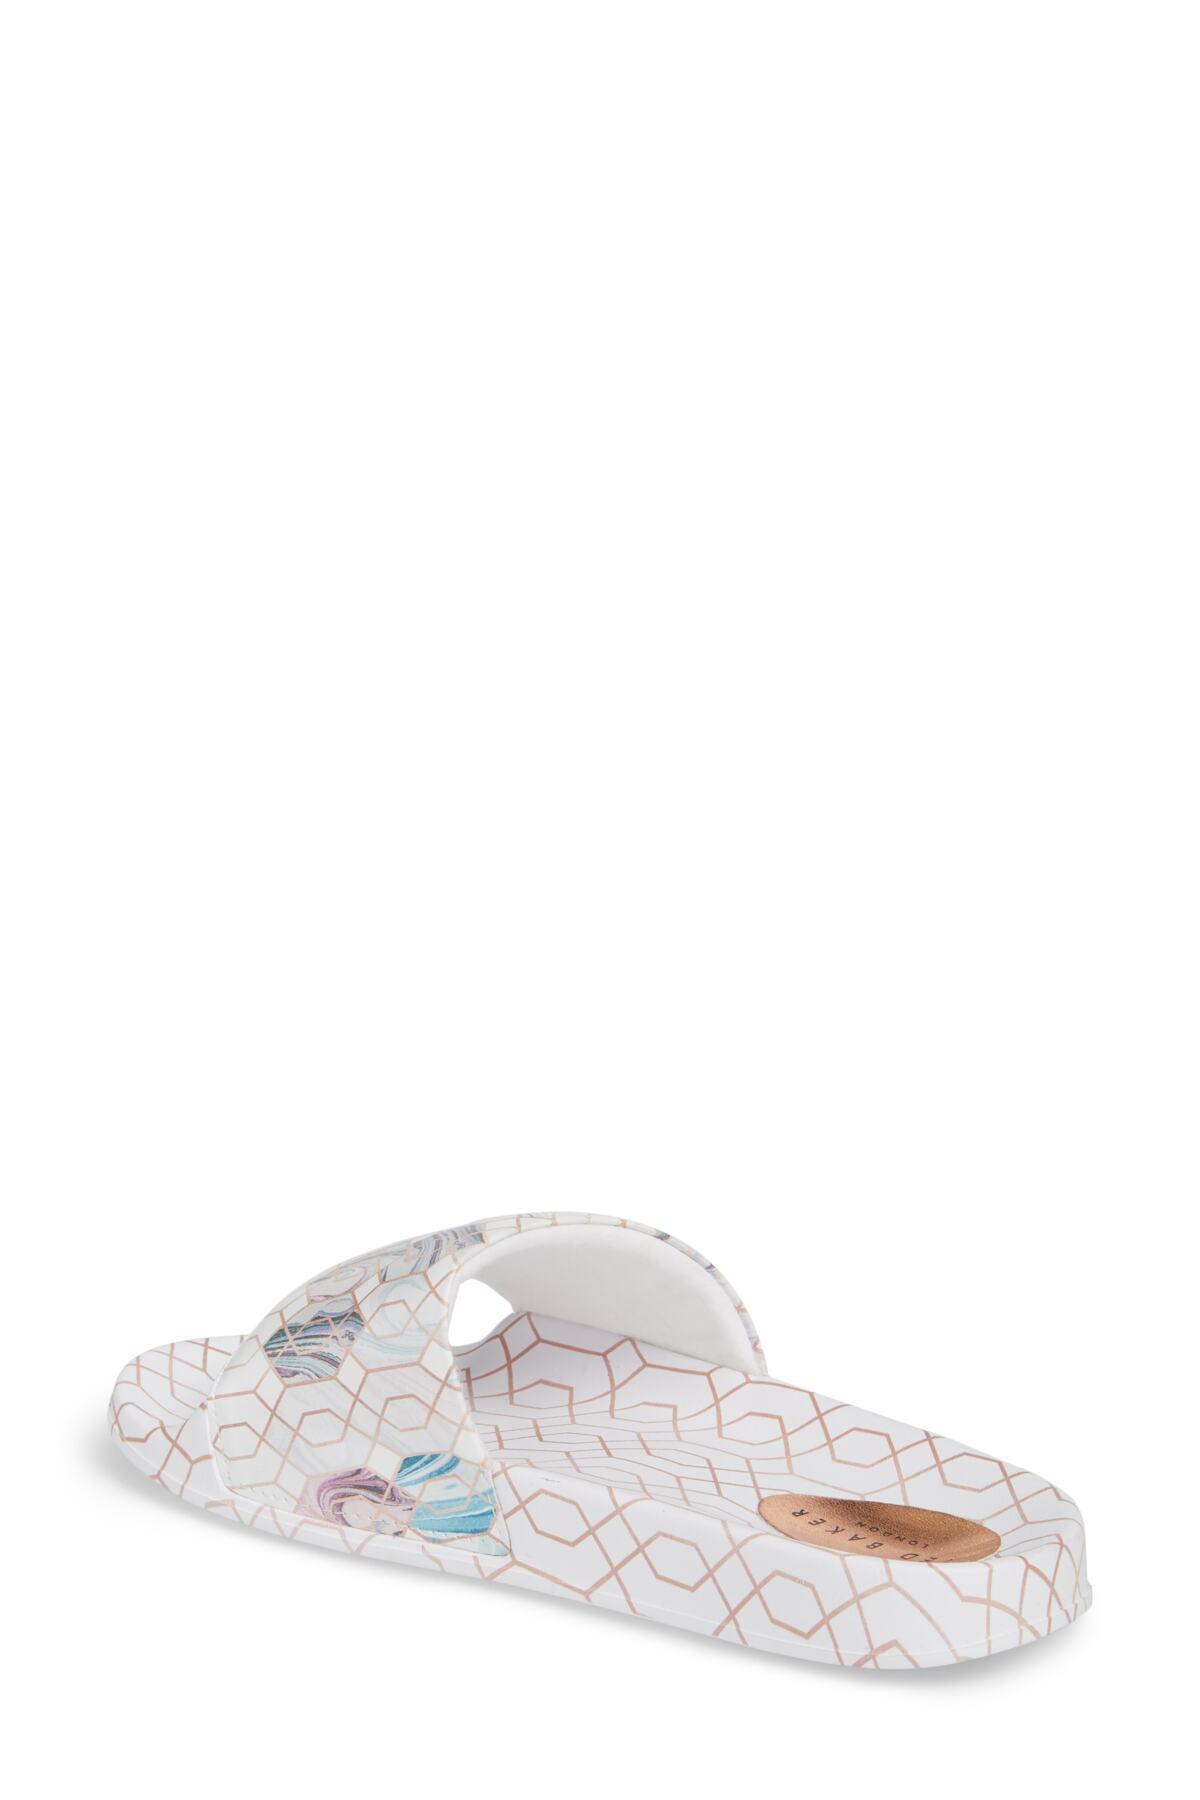 19082c97c541 Lyst - Ted Baker Aveline Sandal (women) in White